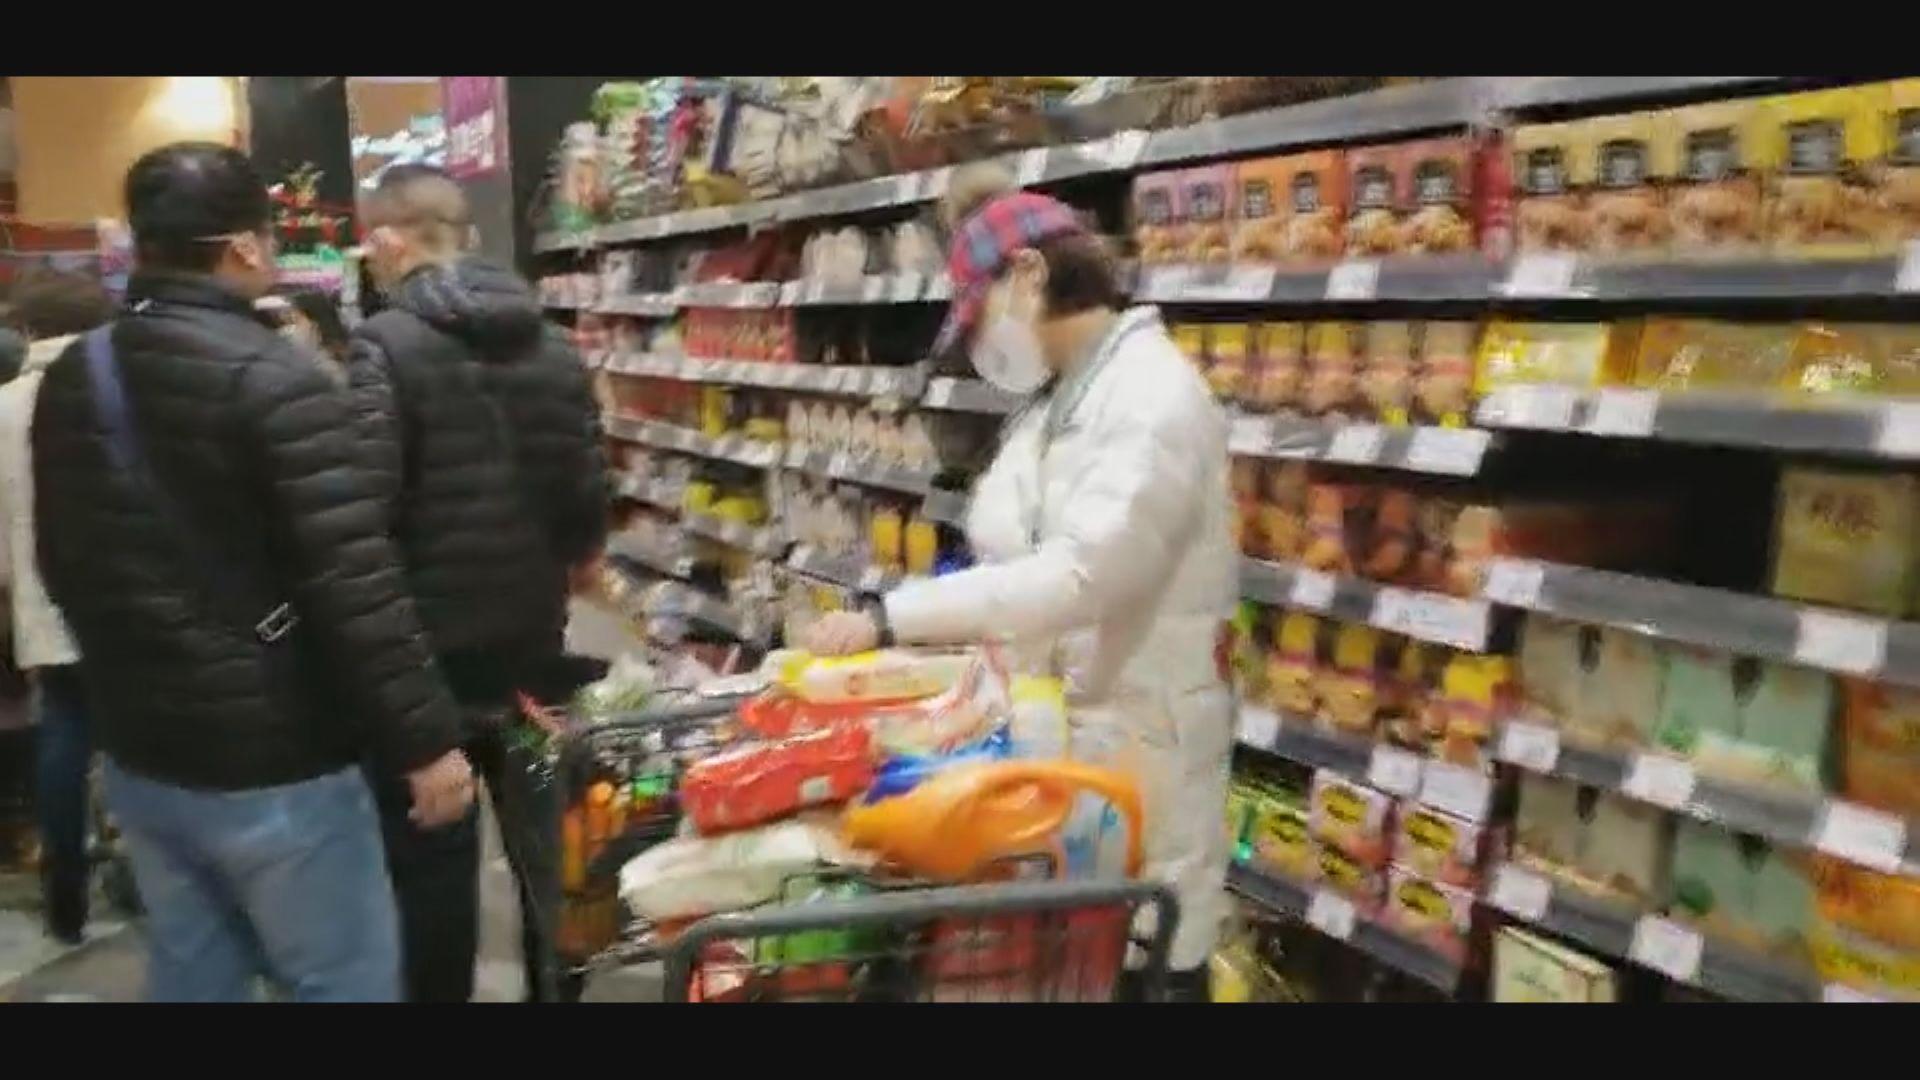 武漢居民:早幾天有食物搶購潮 口罩貨源暫充足